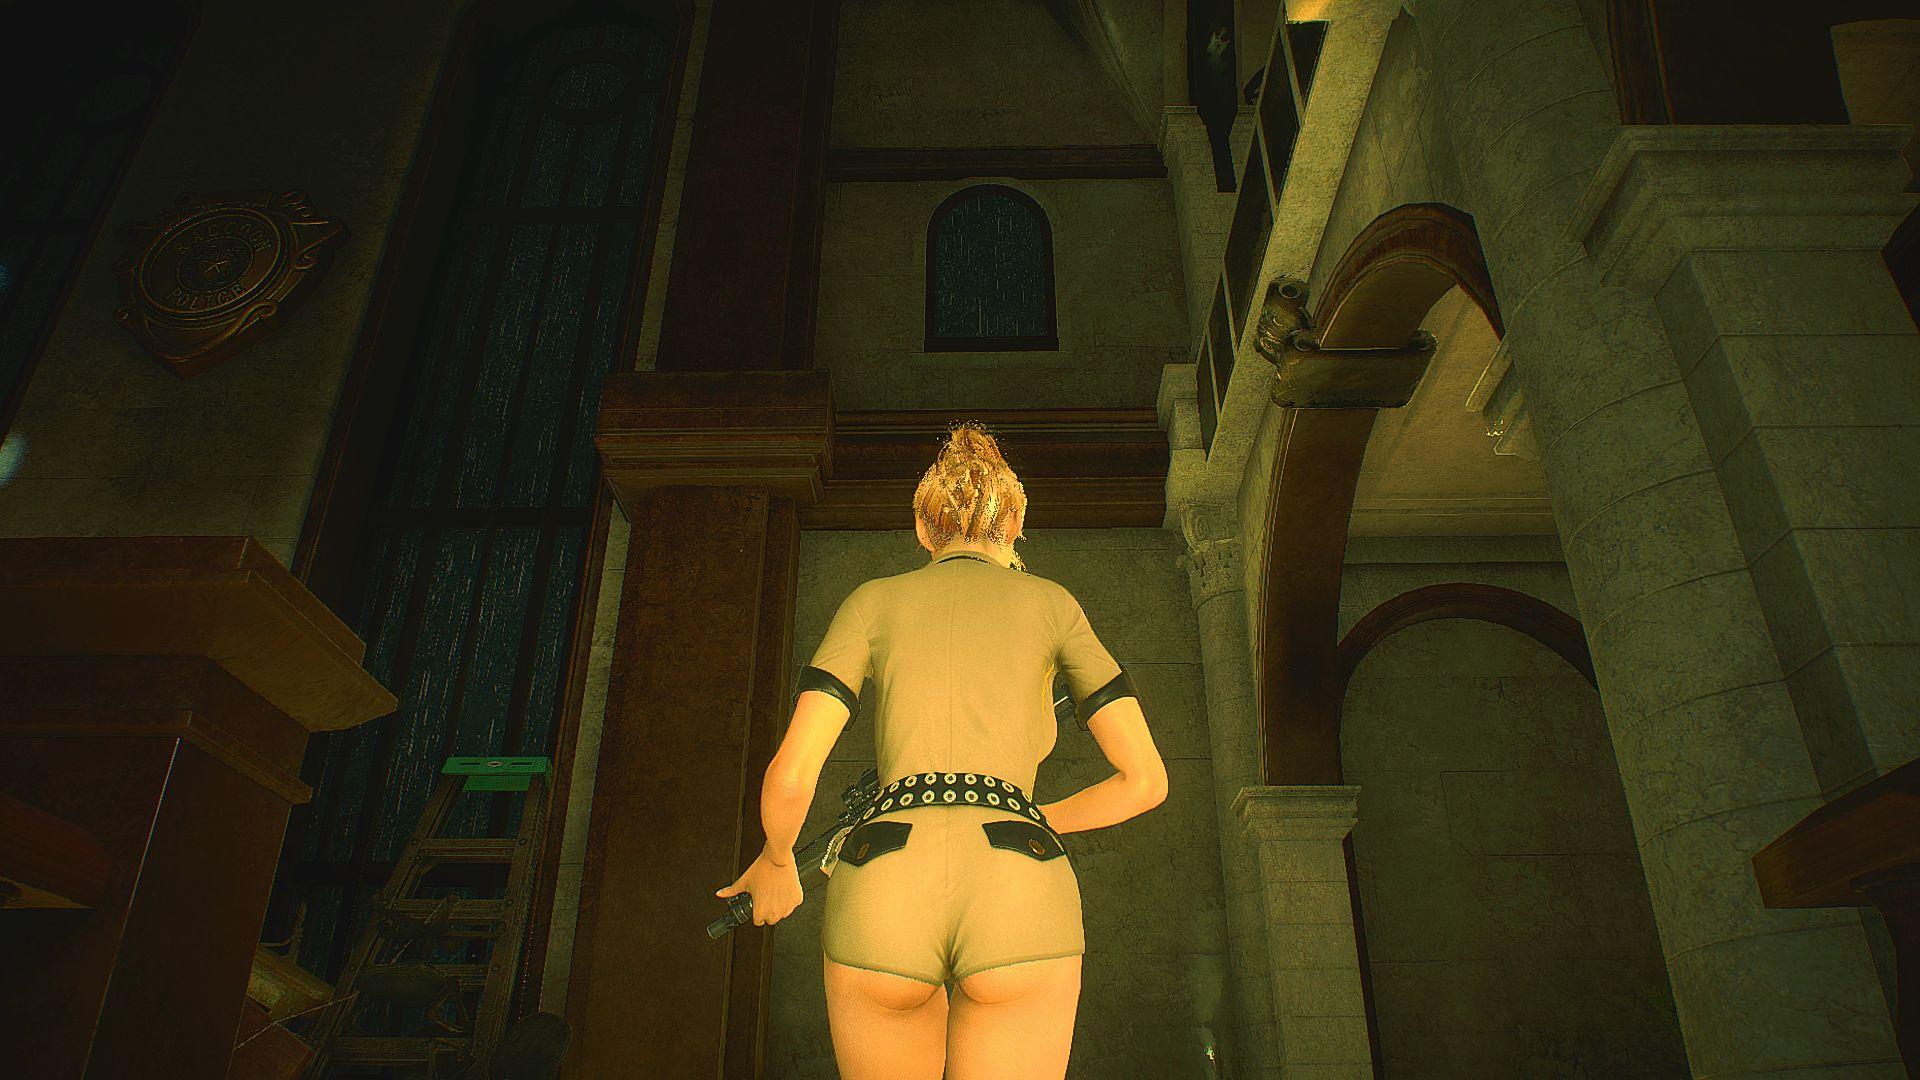 001228.Jpg - Resident Evil 2